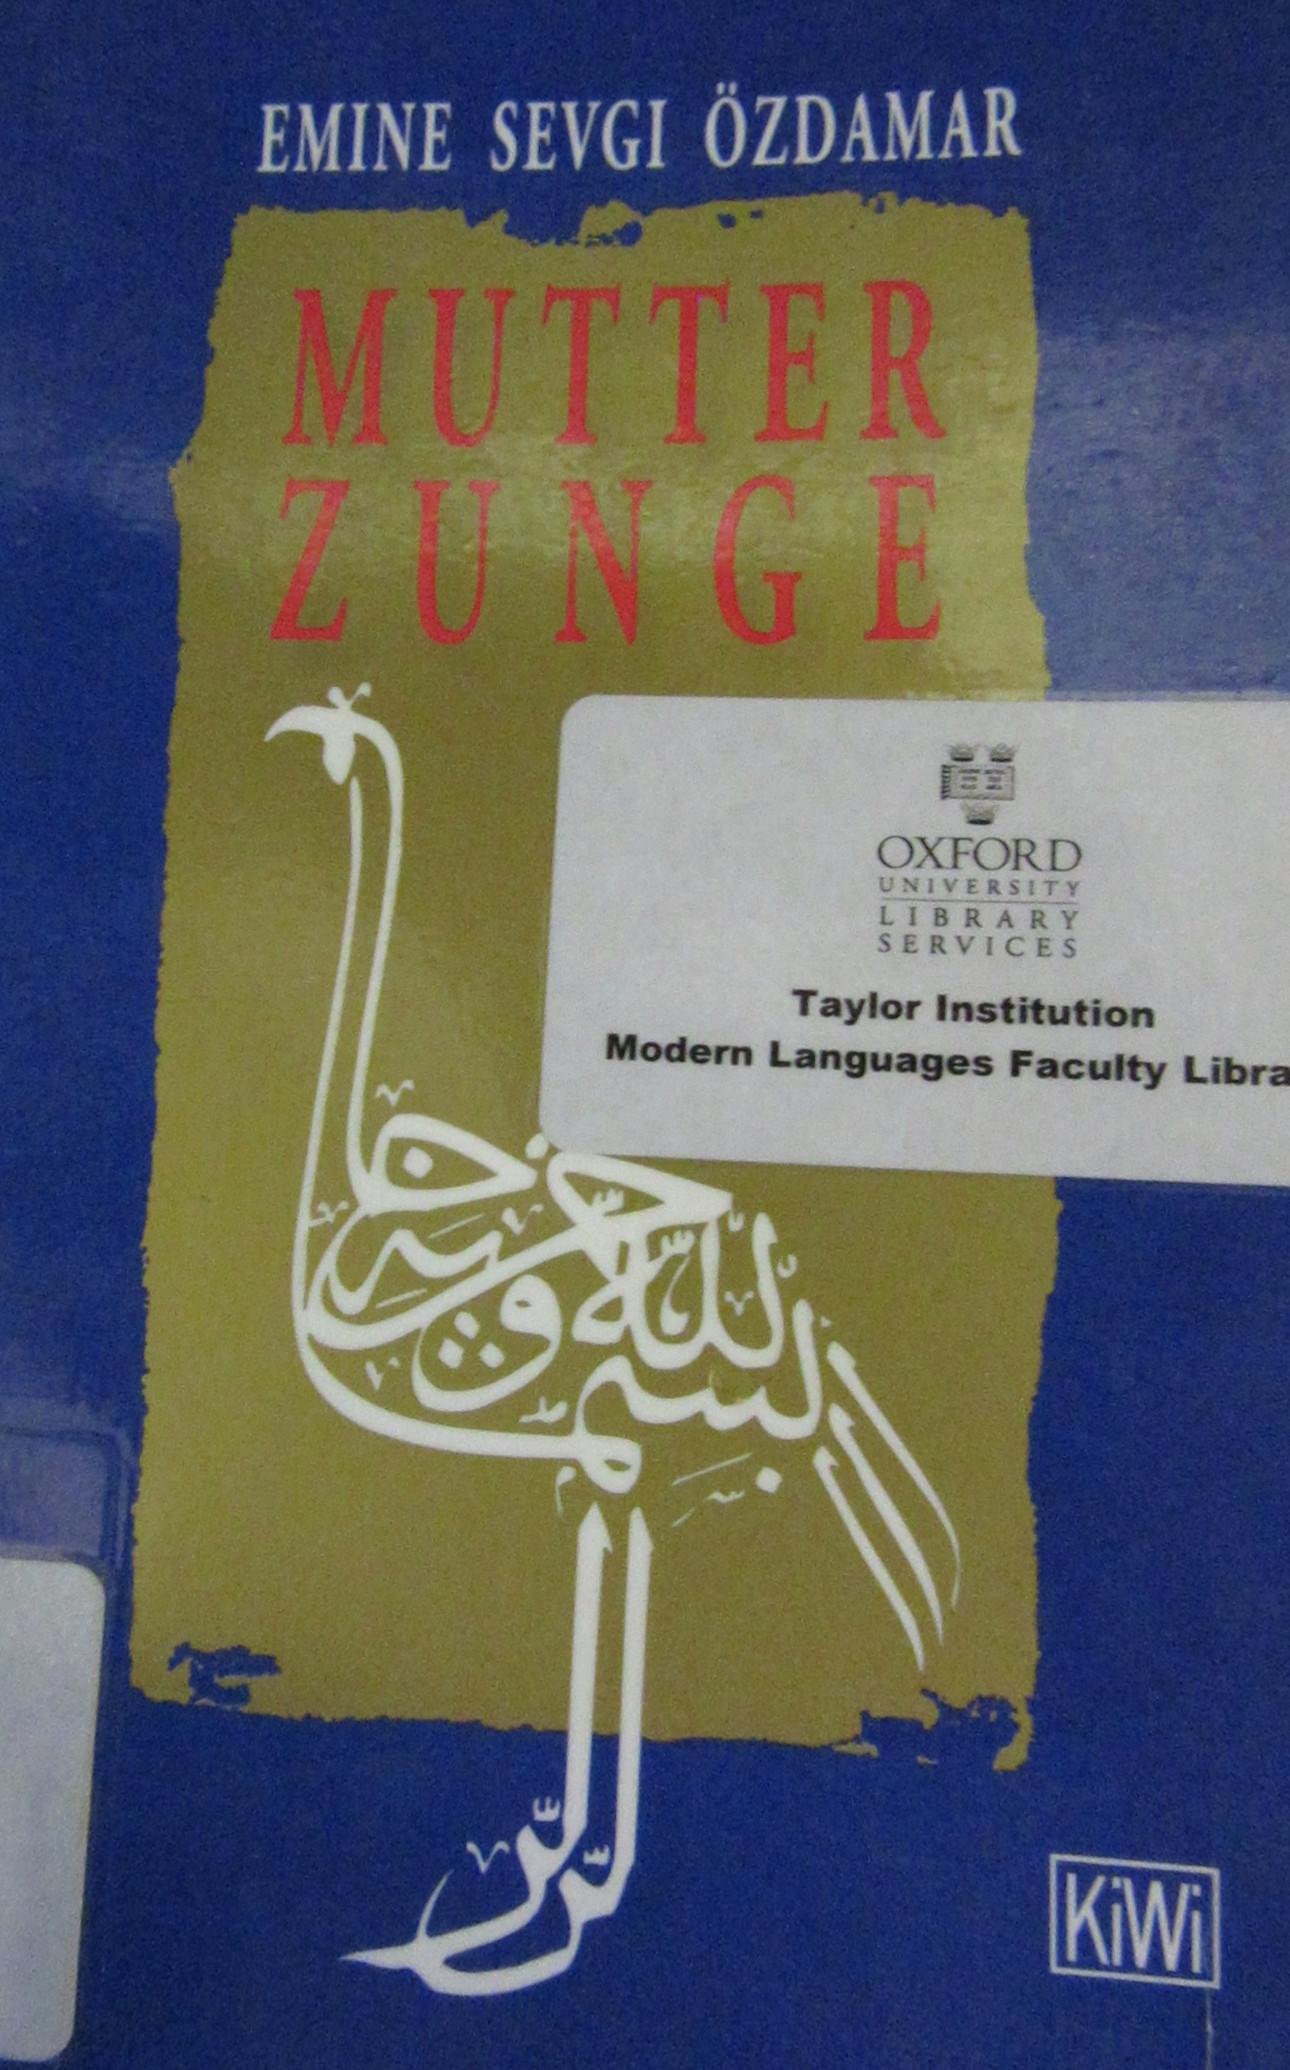 Özdamar, Emine Sevgi. Mutterzunge : Erzählungen. Köln: Kiepenheuer & Witsch, 1998.